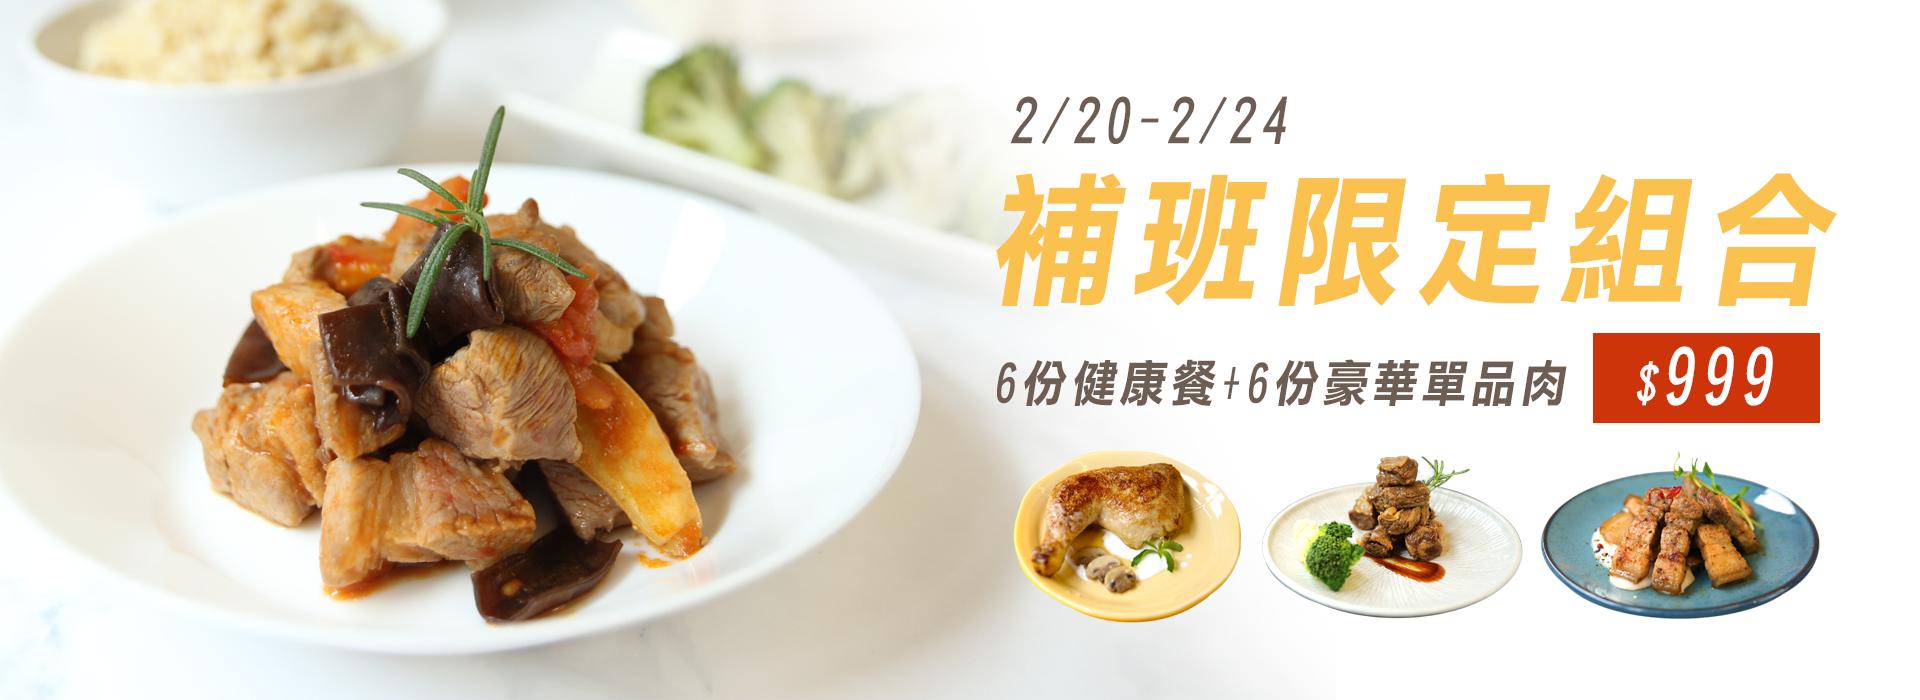 [補班優惠限定]6份健康餐+6豪華肉品